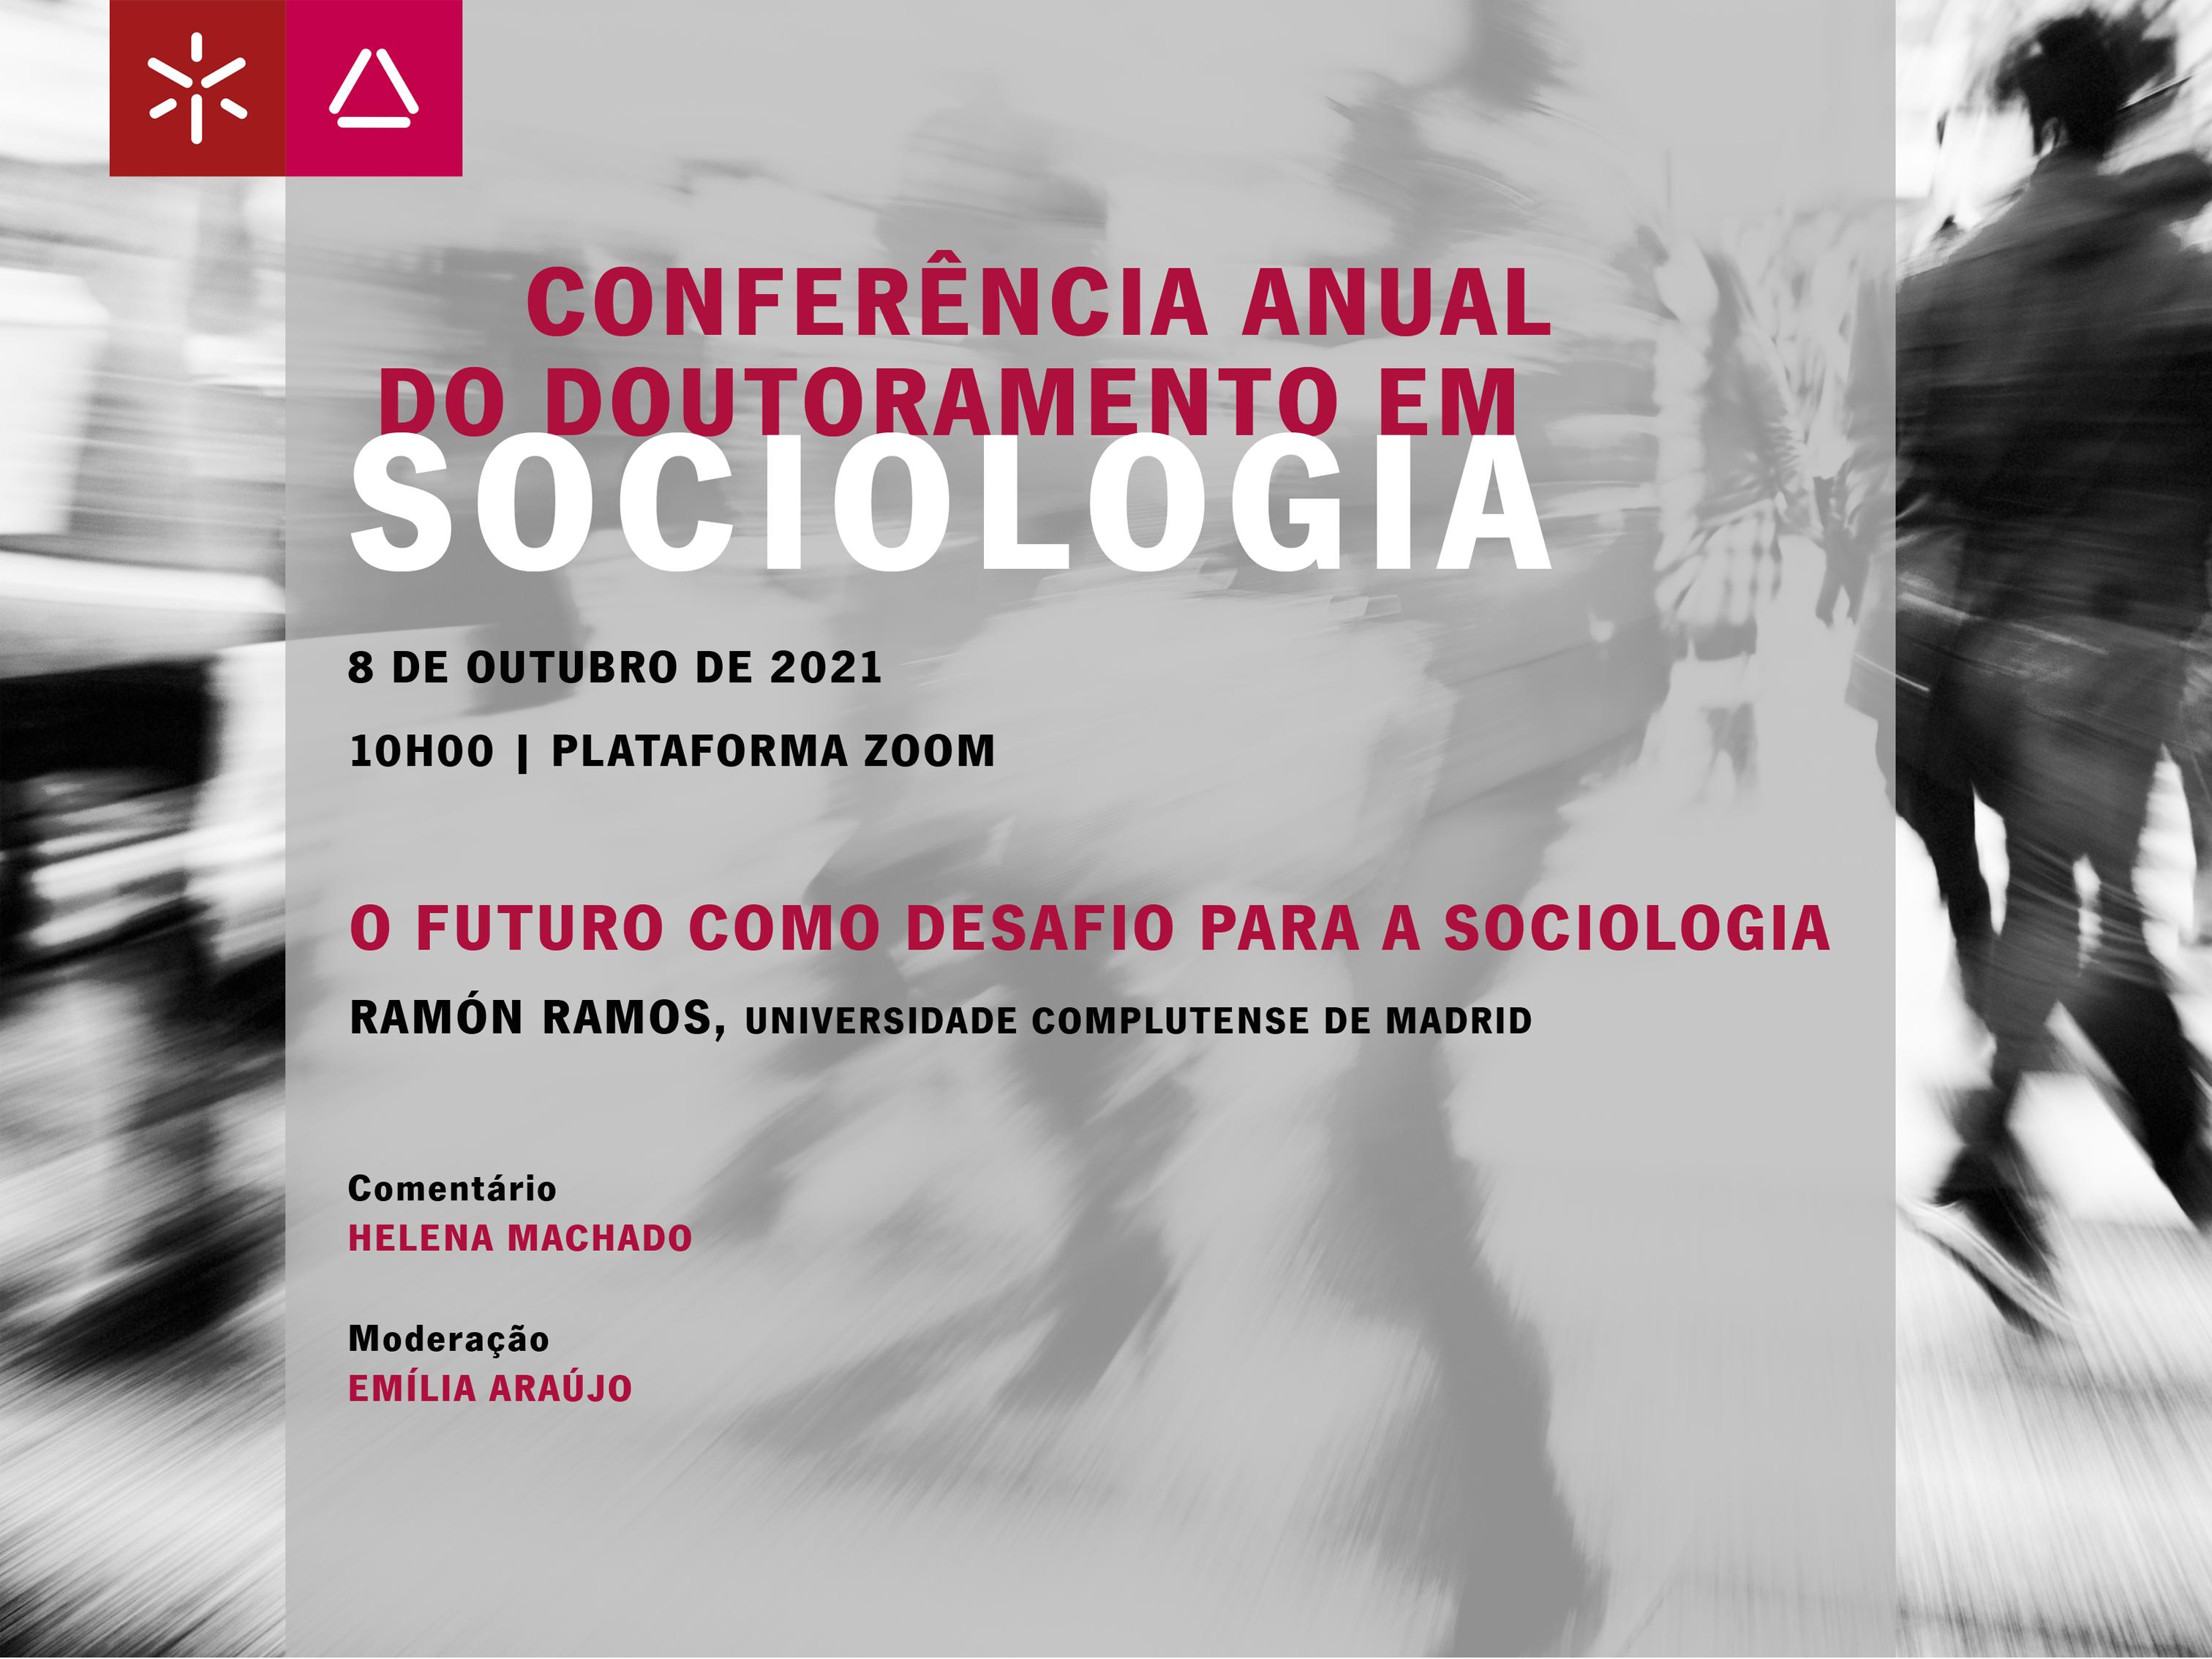 Conferência Anual do Doutoramento em Sociologia